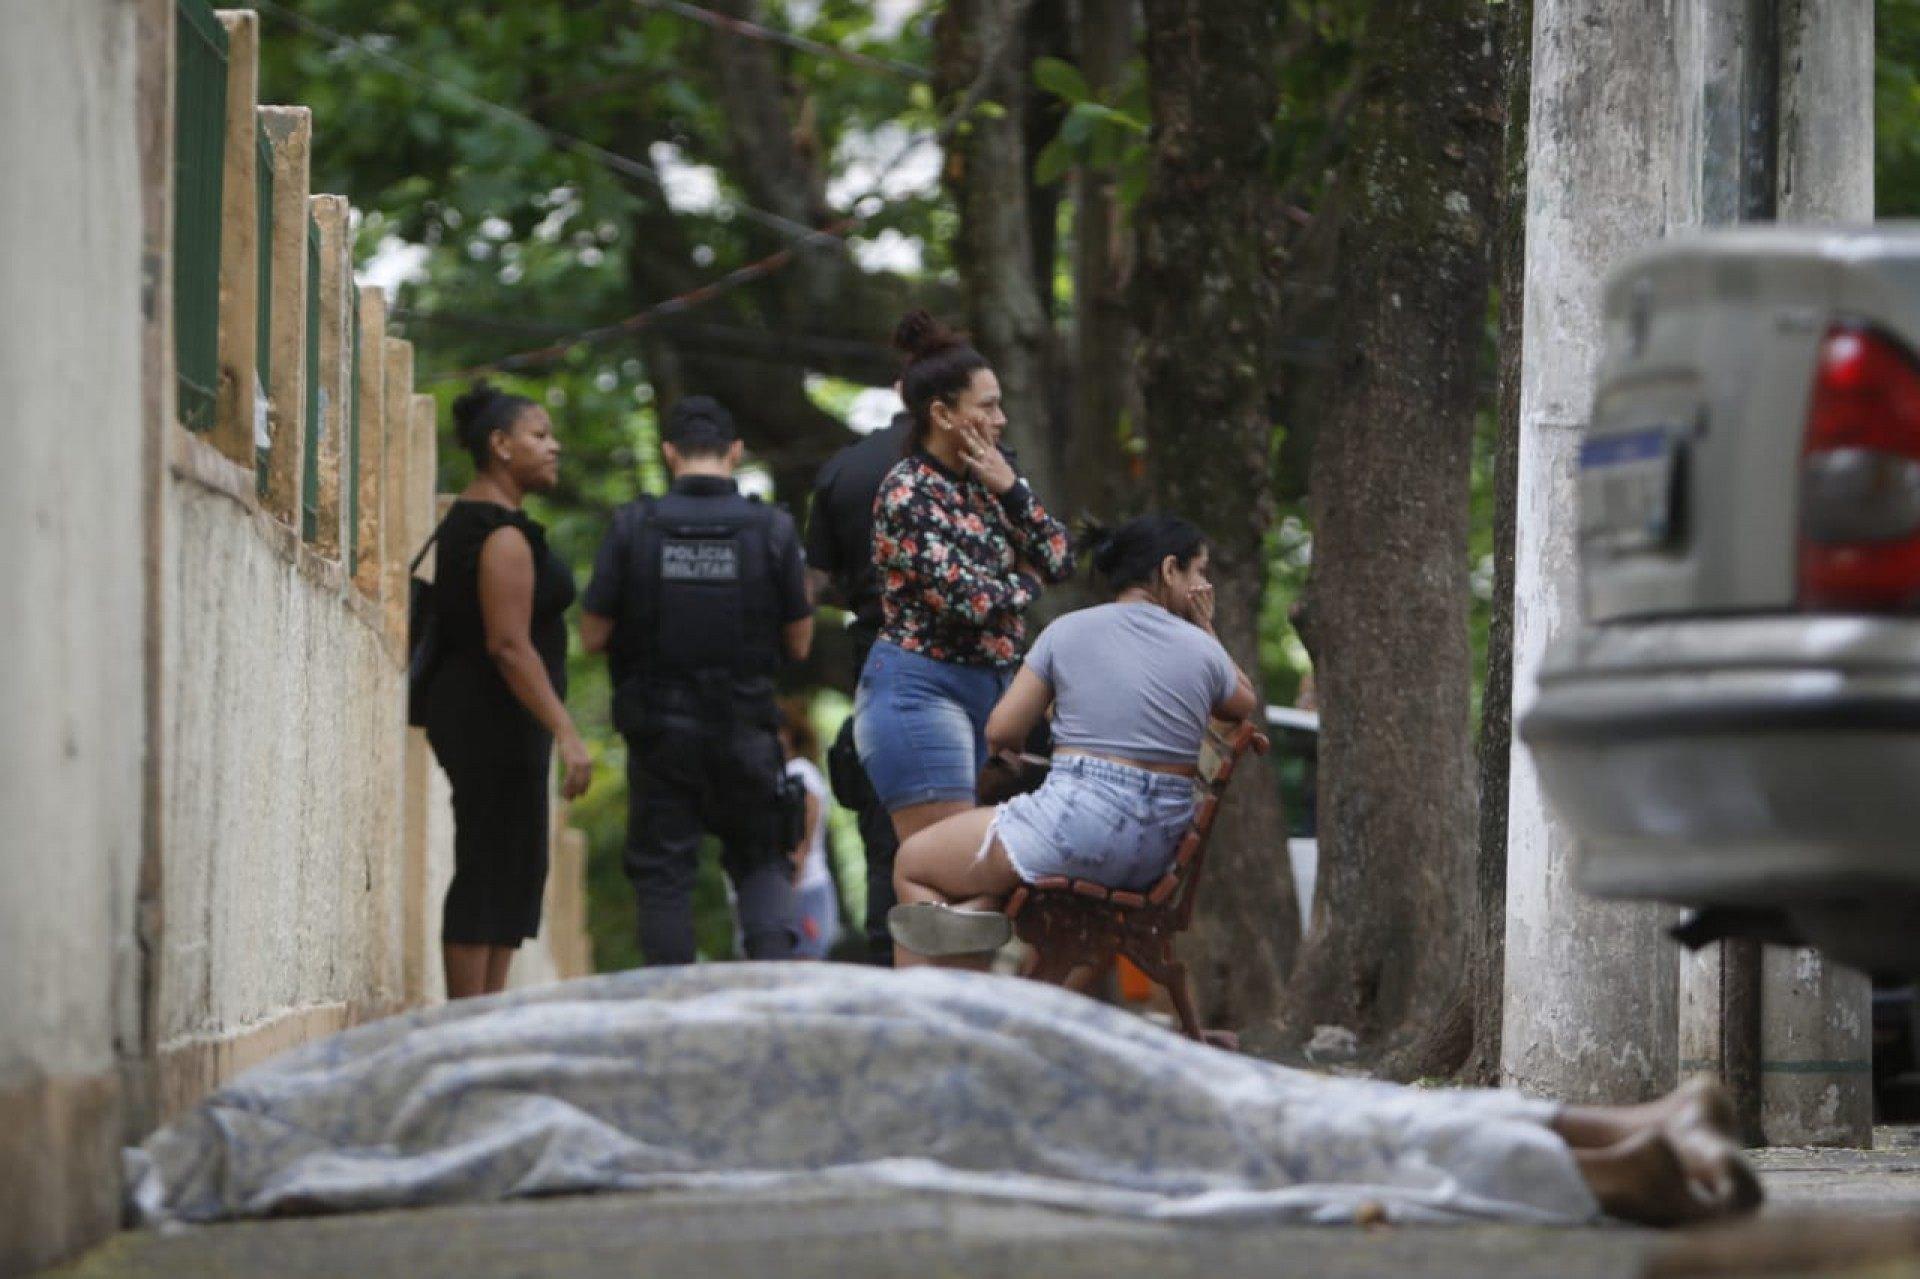 Foto: Reginaldo Pimenta / O Dia